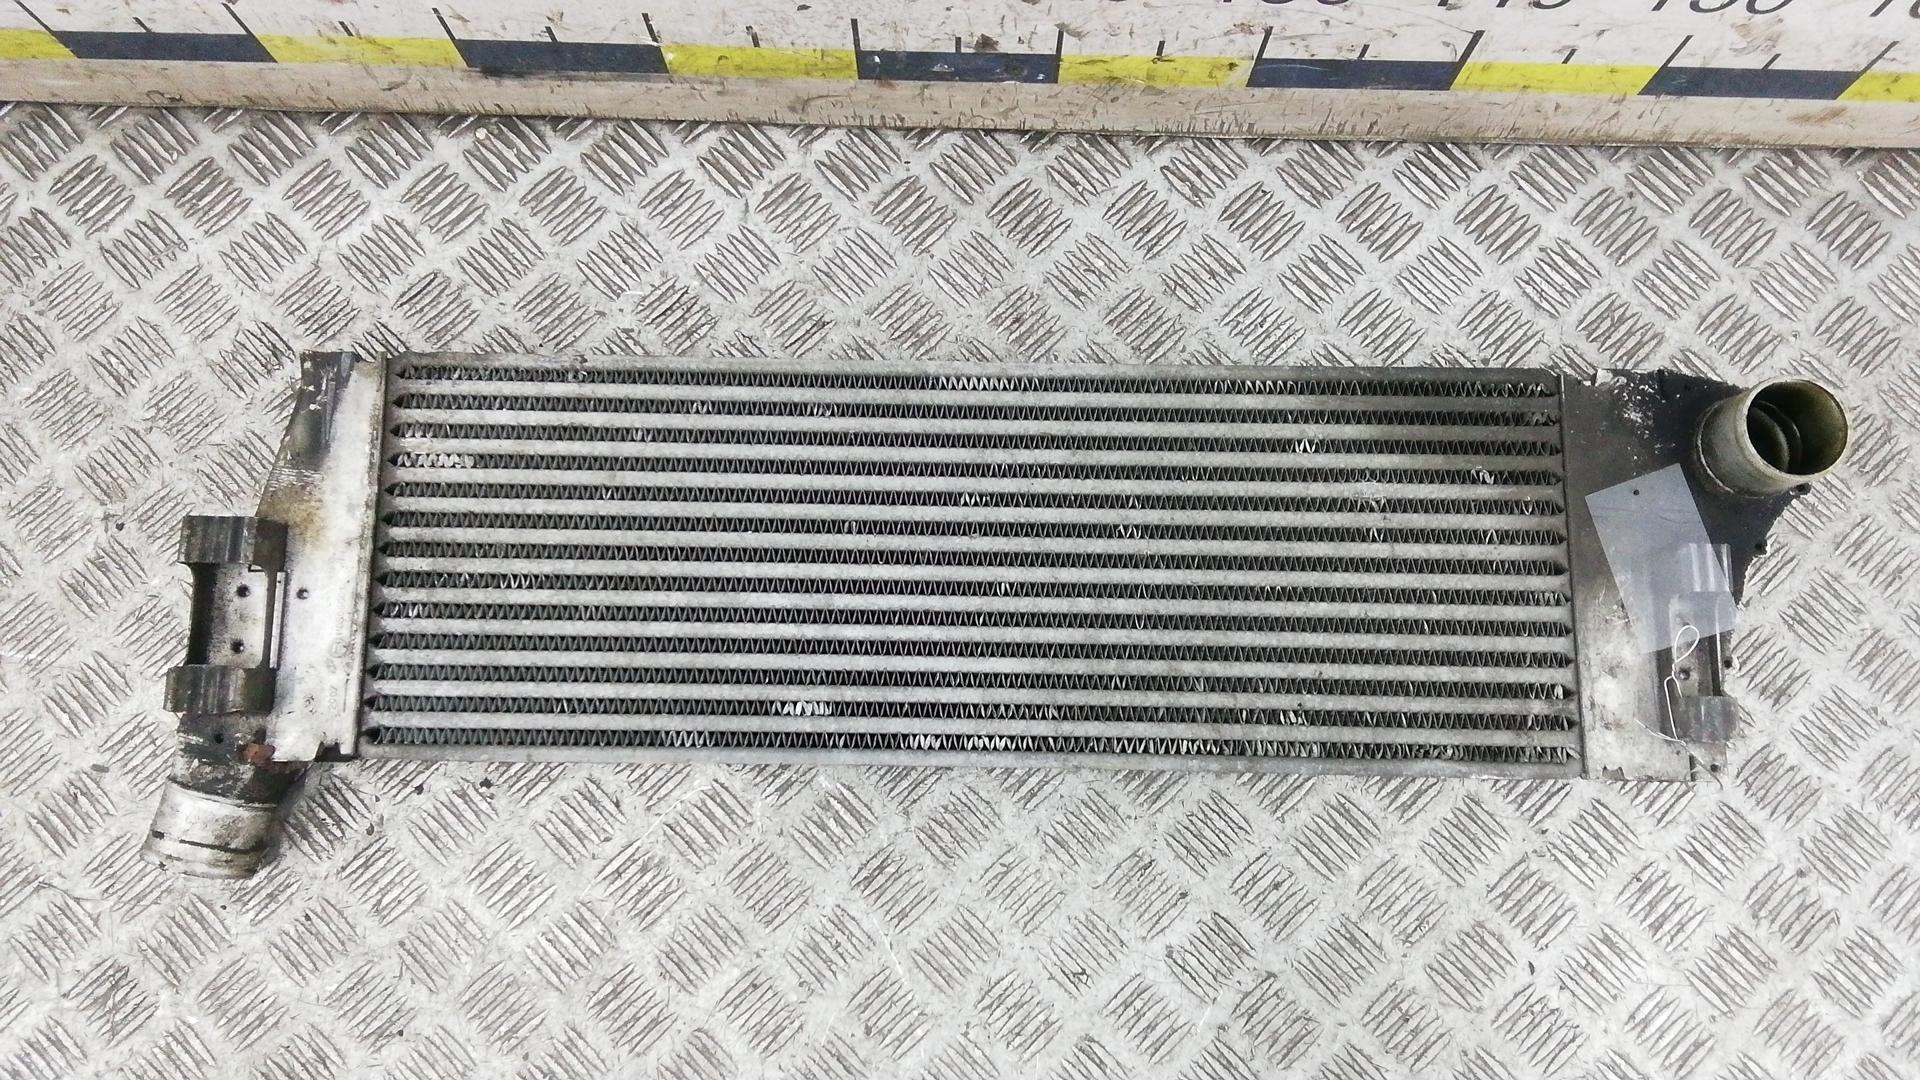 Радиатор интеркуллера, RENAULT, SCENIC 2 GRAND SCENIC, 2007